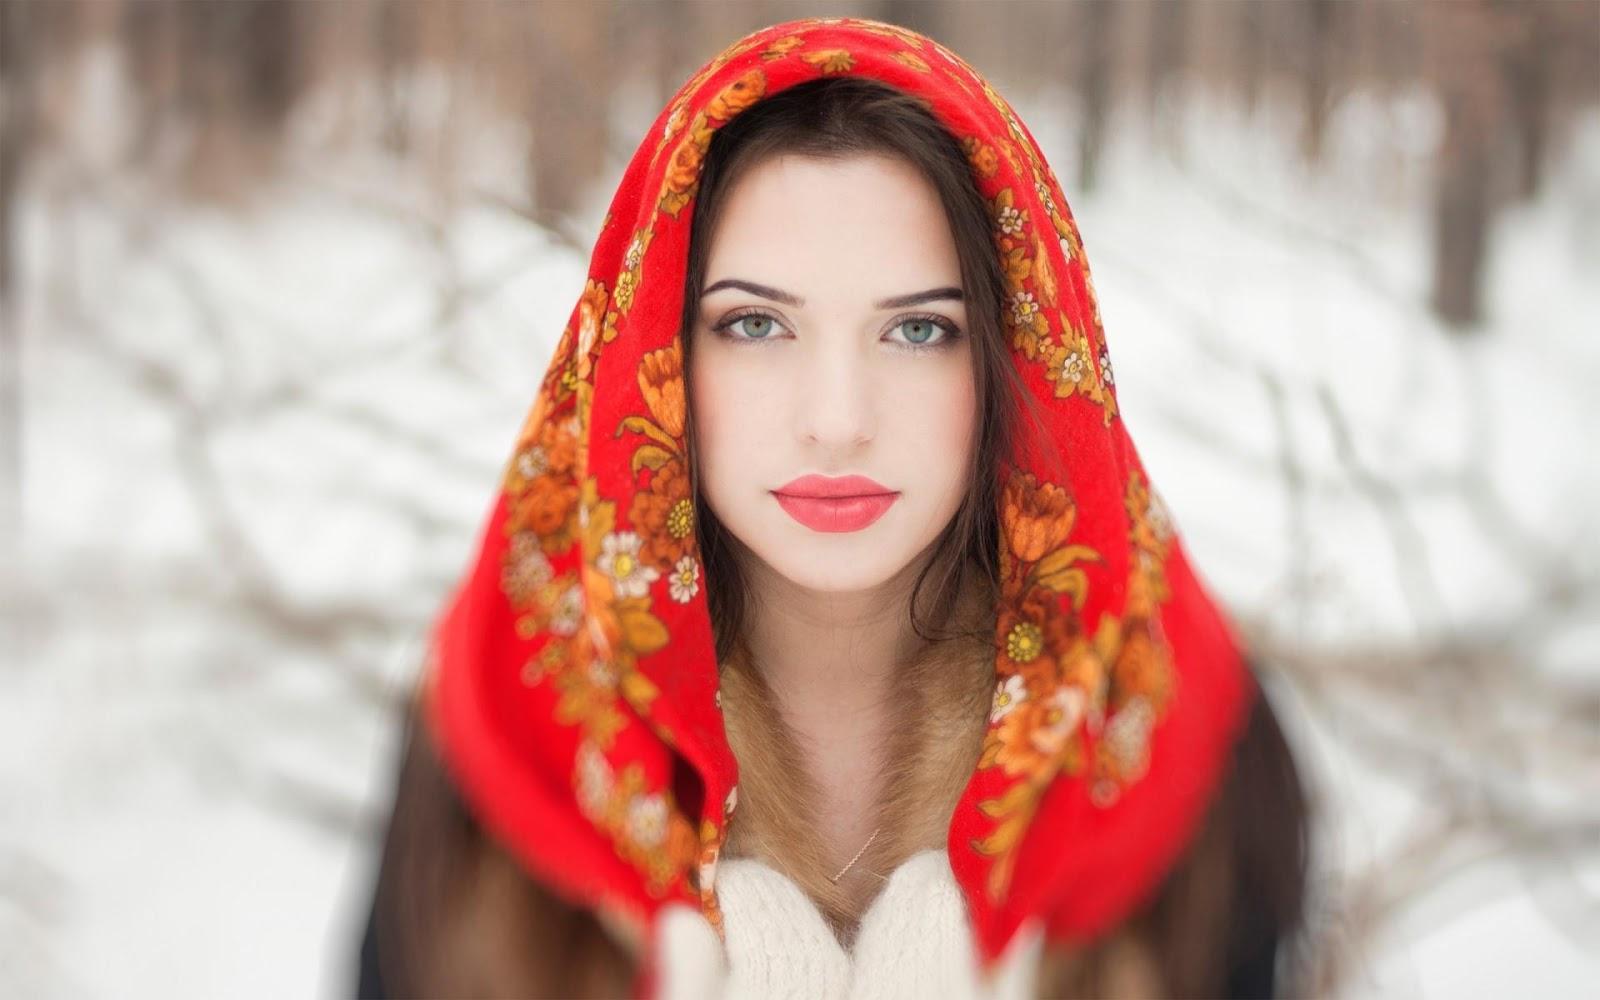 Фото оренбургских девушек бесплатно 20 фотография